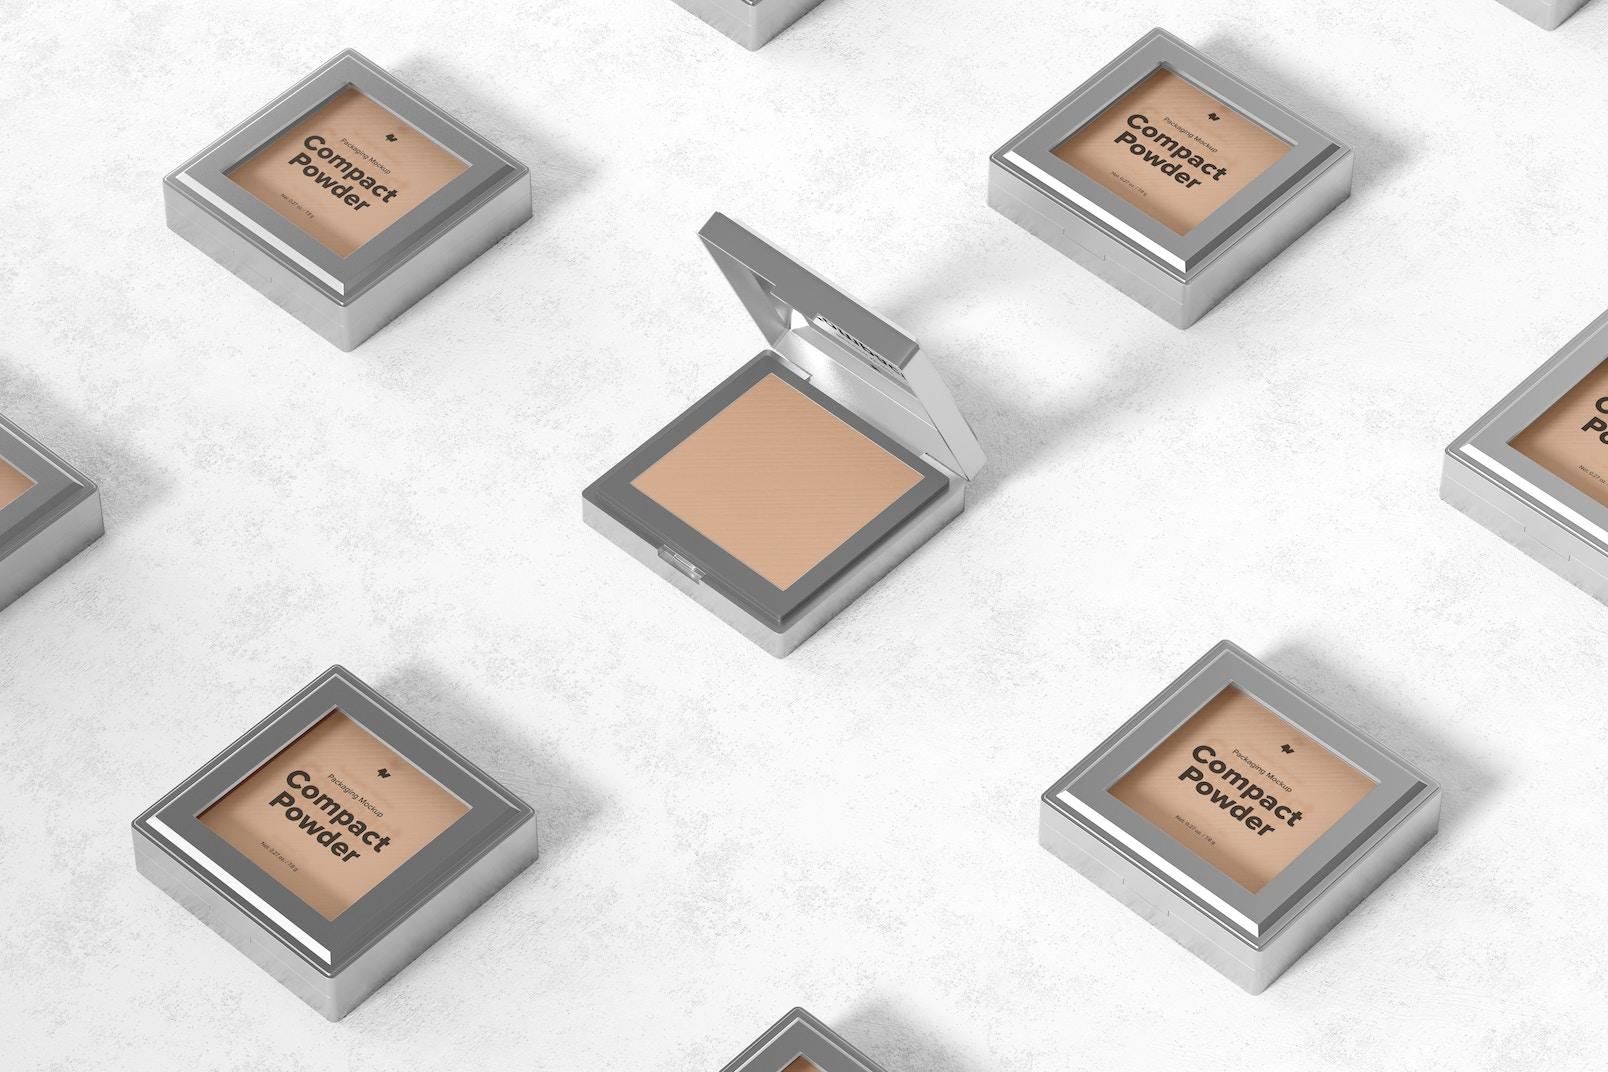 Compact Powder Packaging Set Mockup